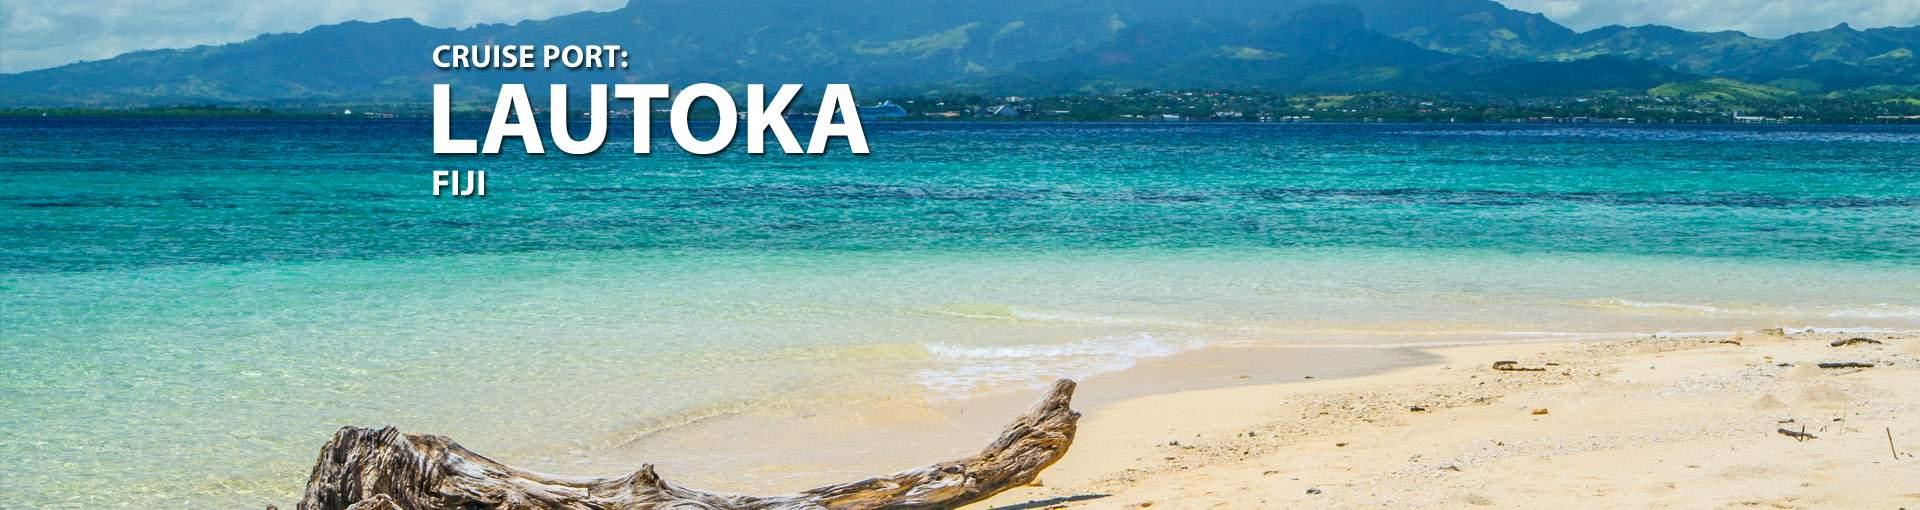 Cruises from Lautoka, Fiji